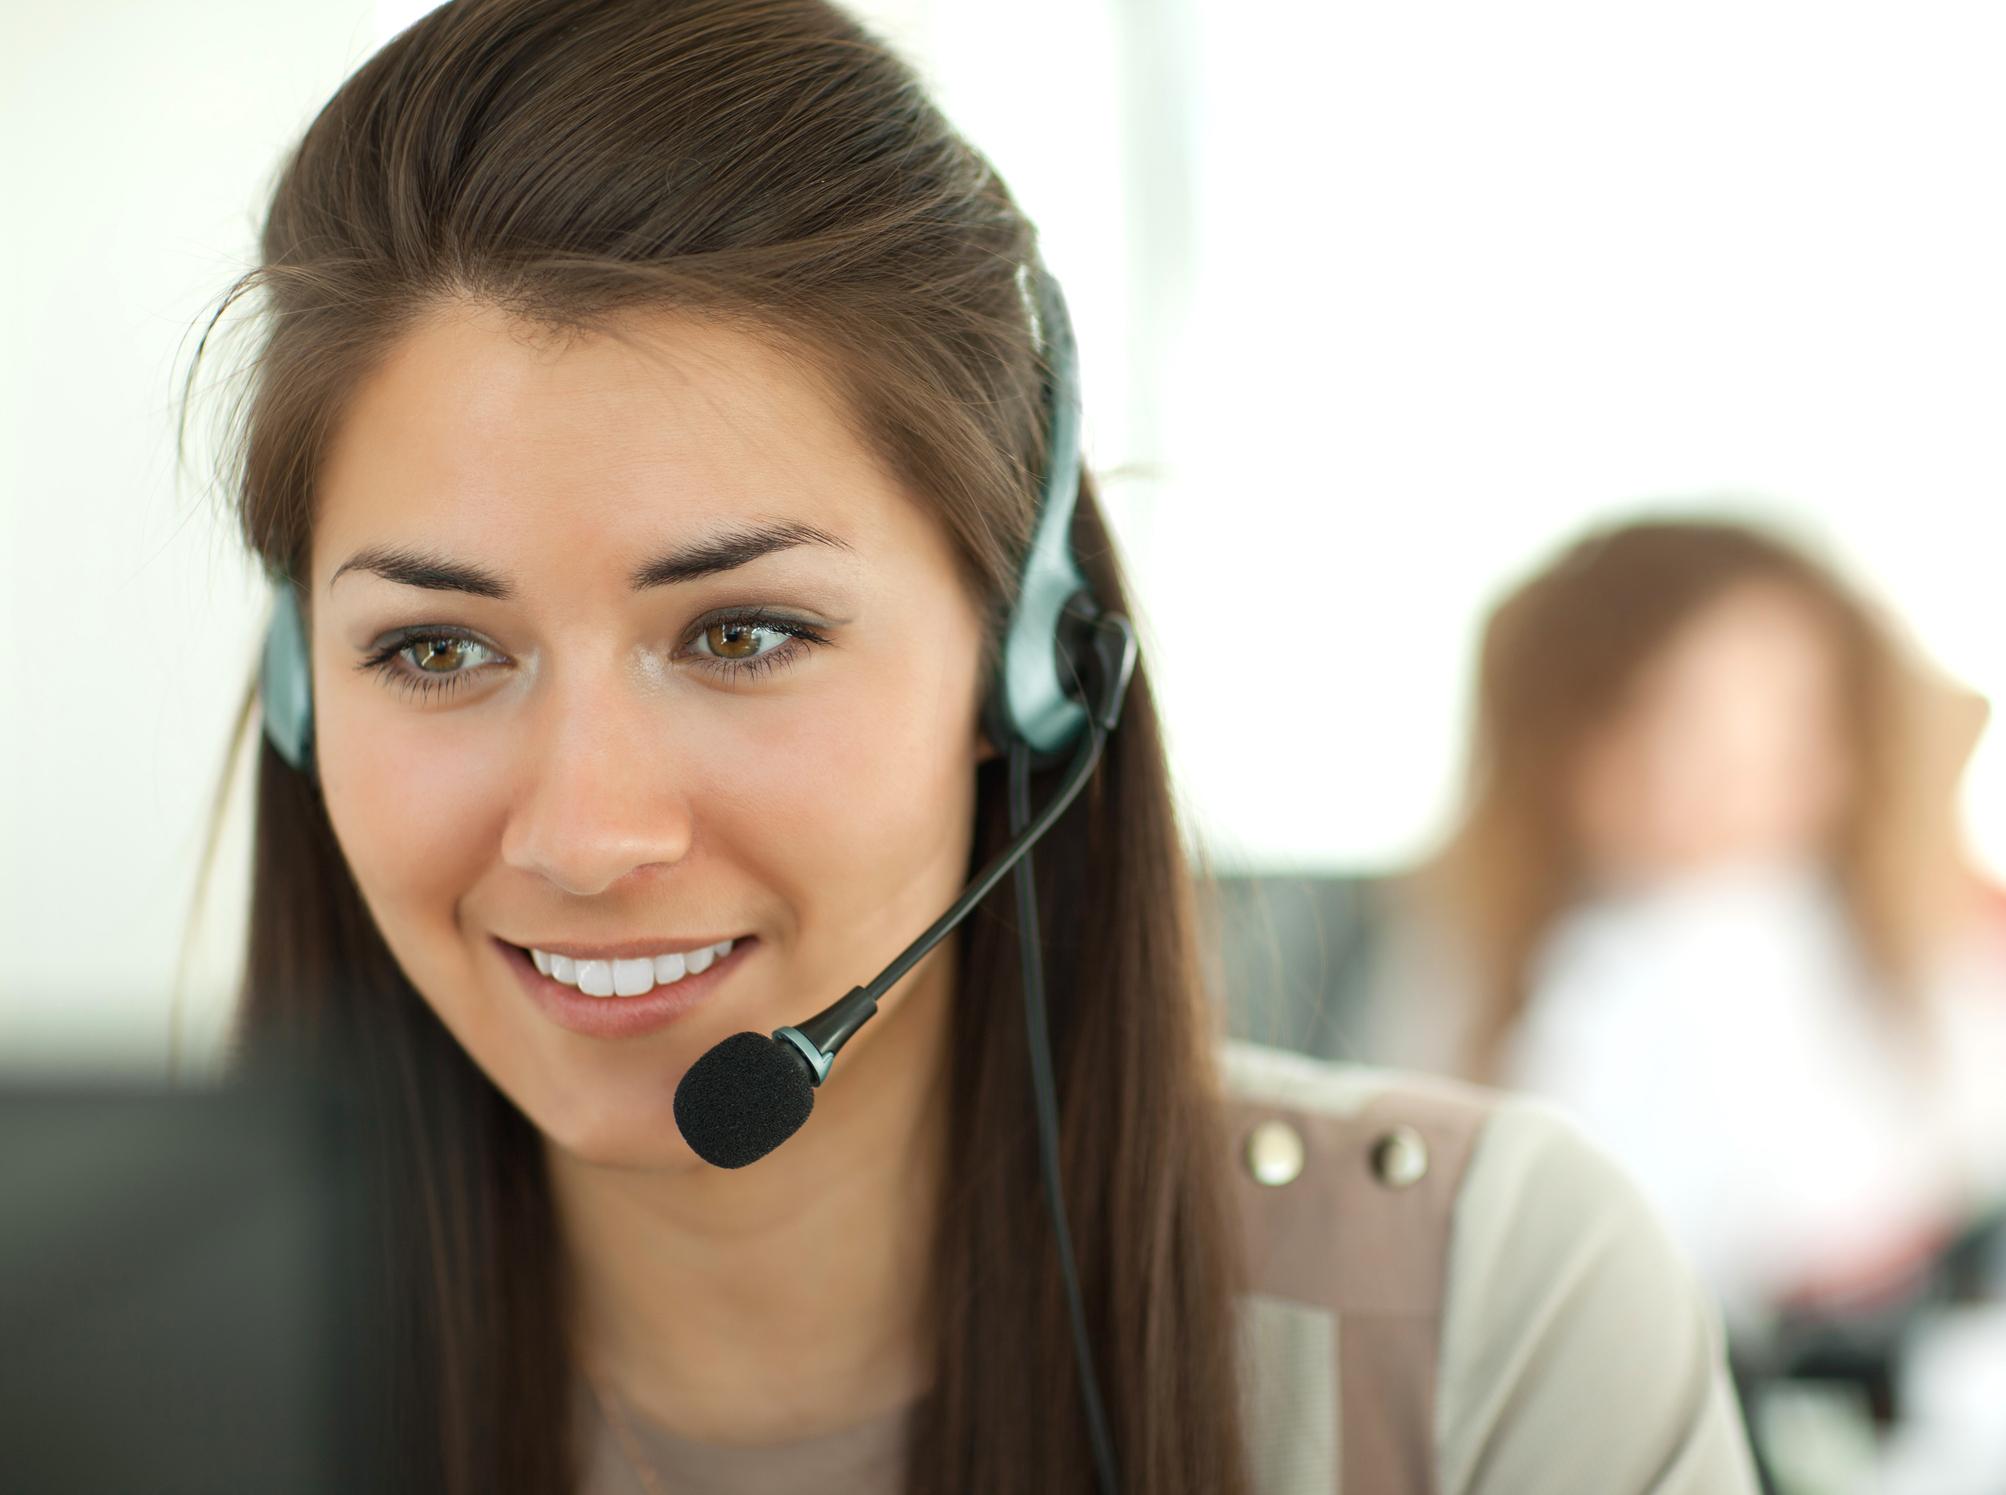 Woman talking on headset